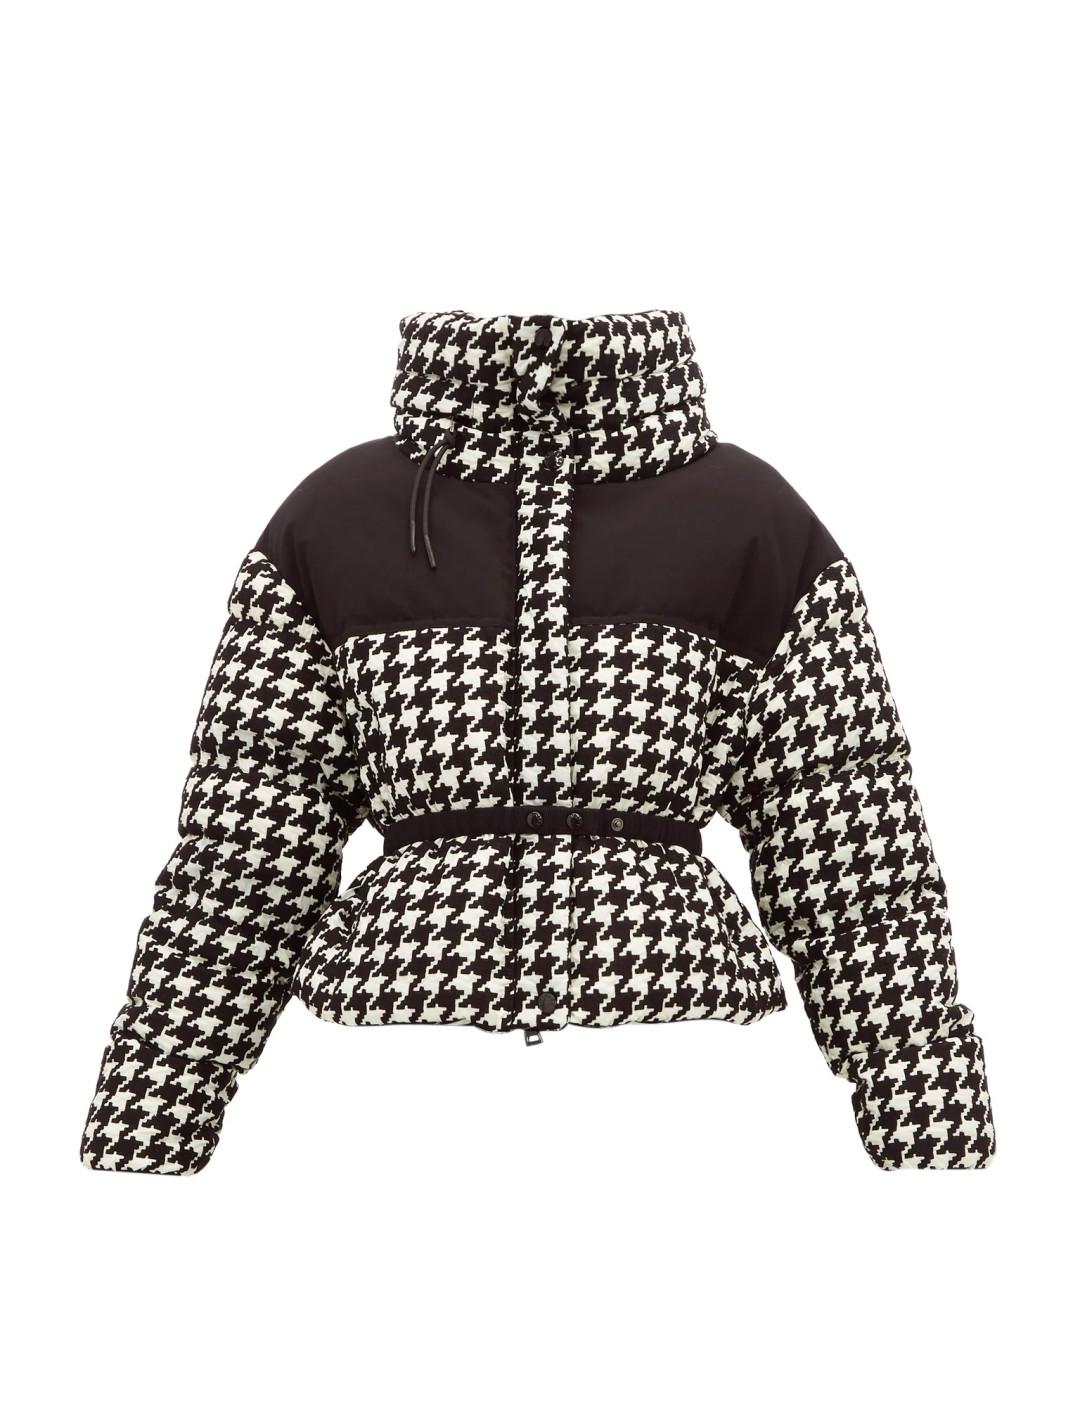 Cropped Jacket Clothing